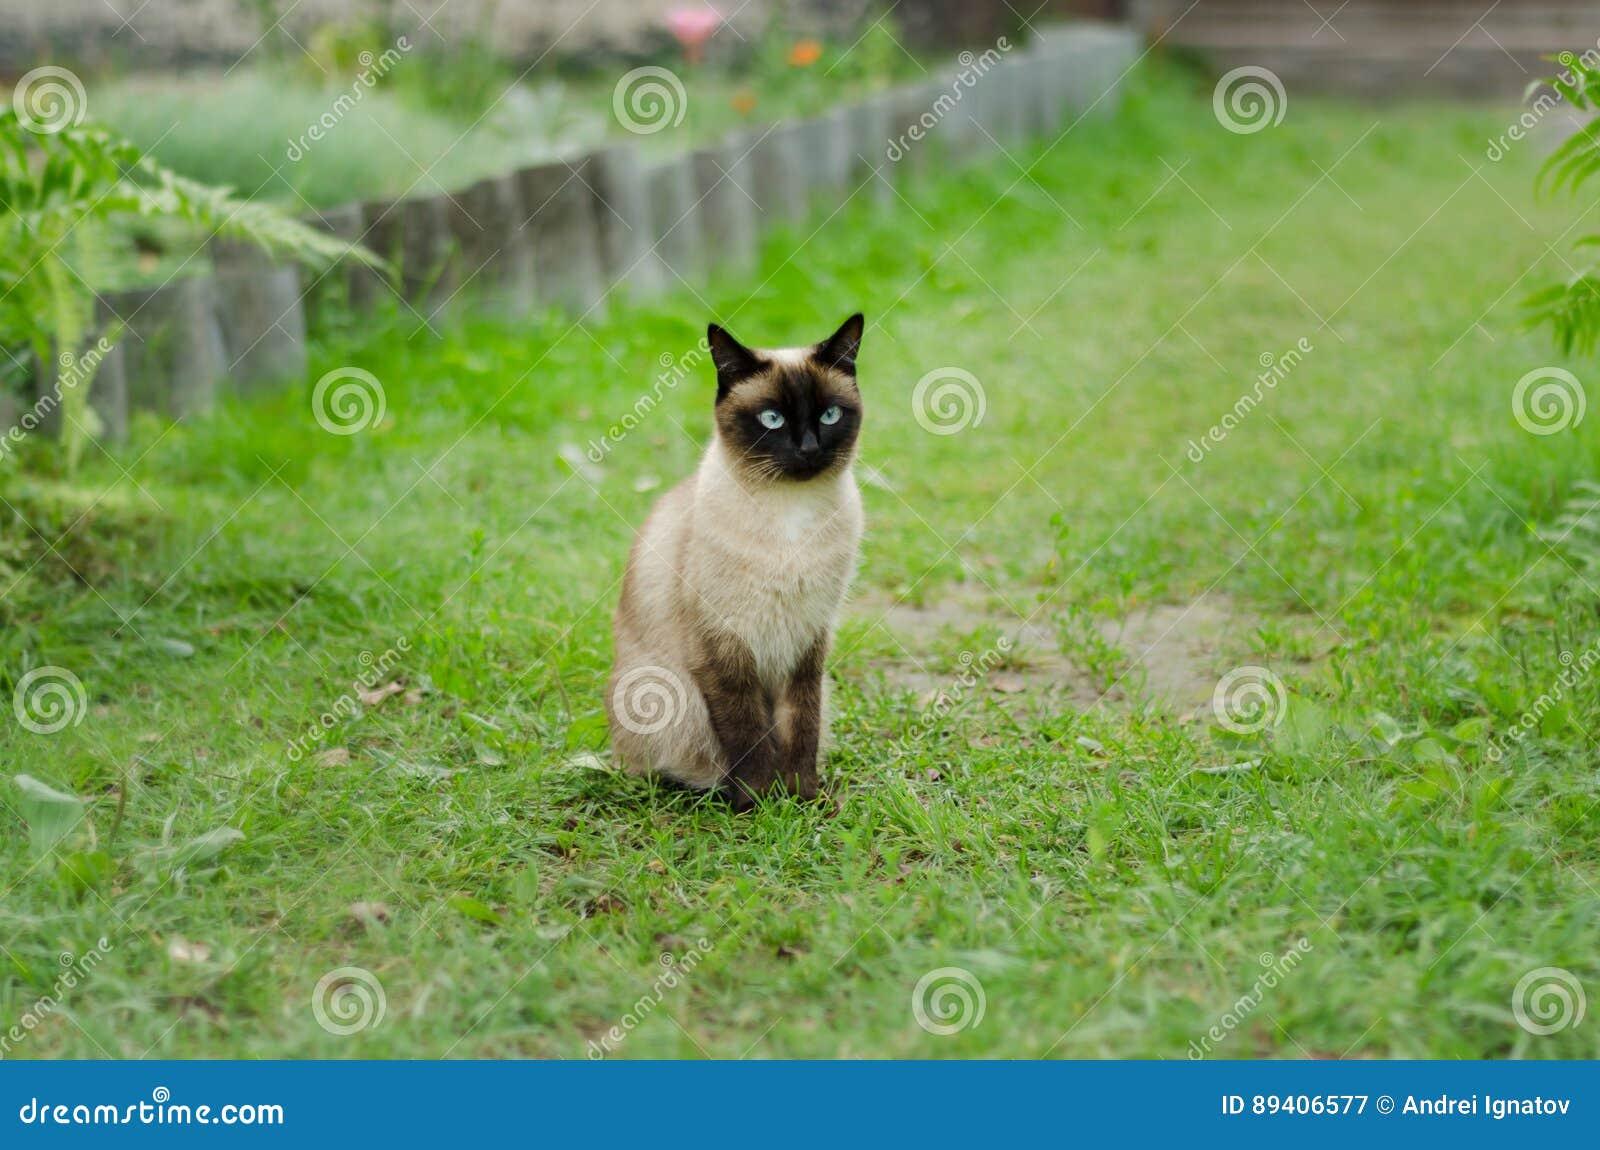 O gato marrom bonito, Siamese, com olhos azul esverdeado senta-se em uma grama verde